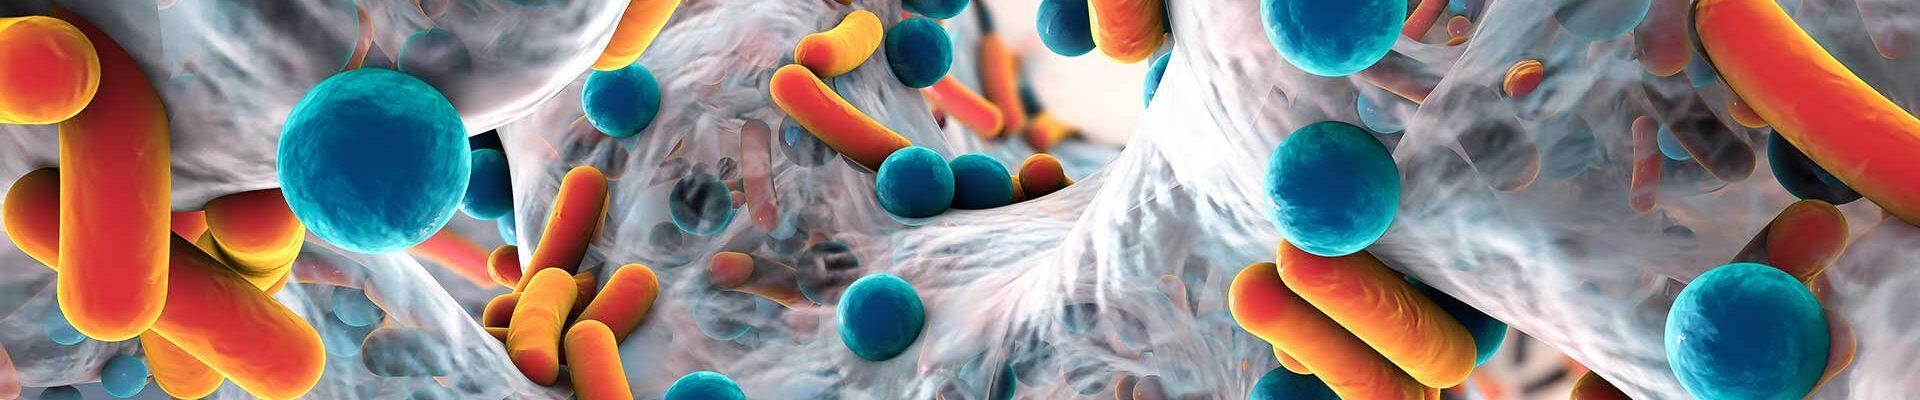 hero-microbiology